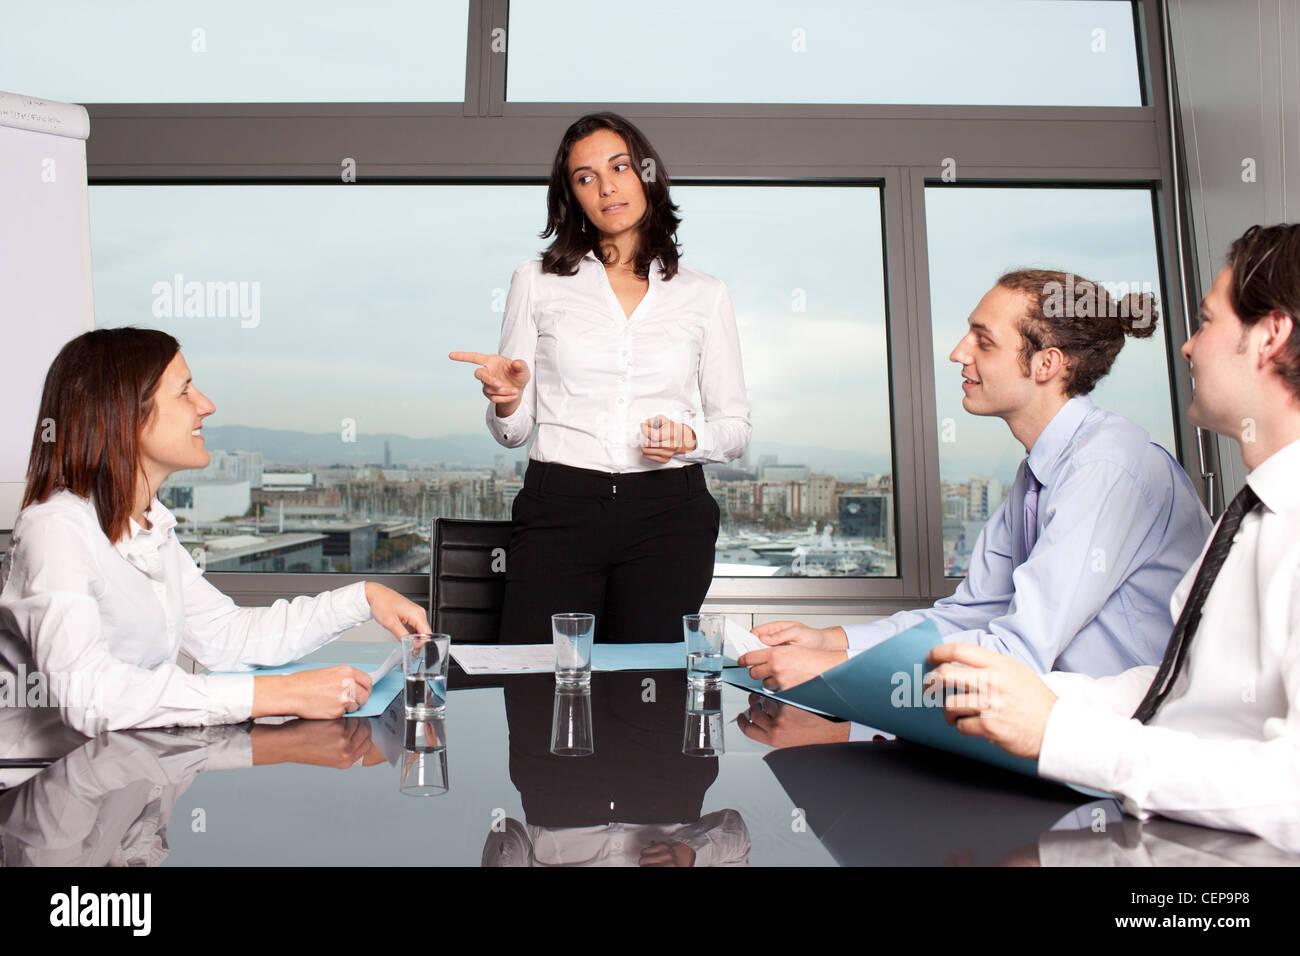 female boss warning a worker making a joke - Stock Image